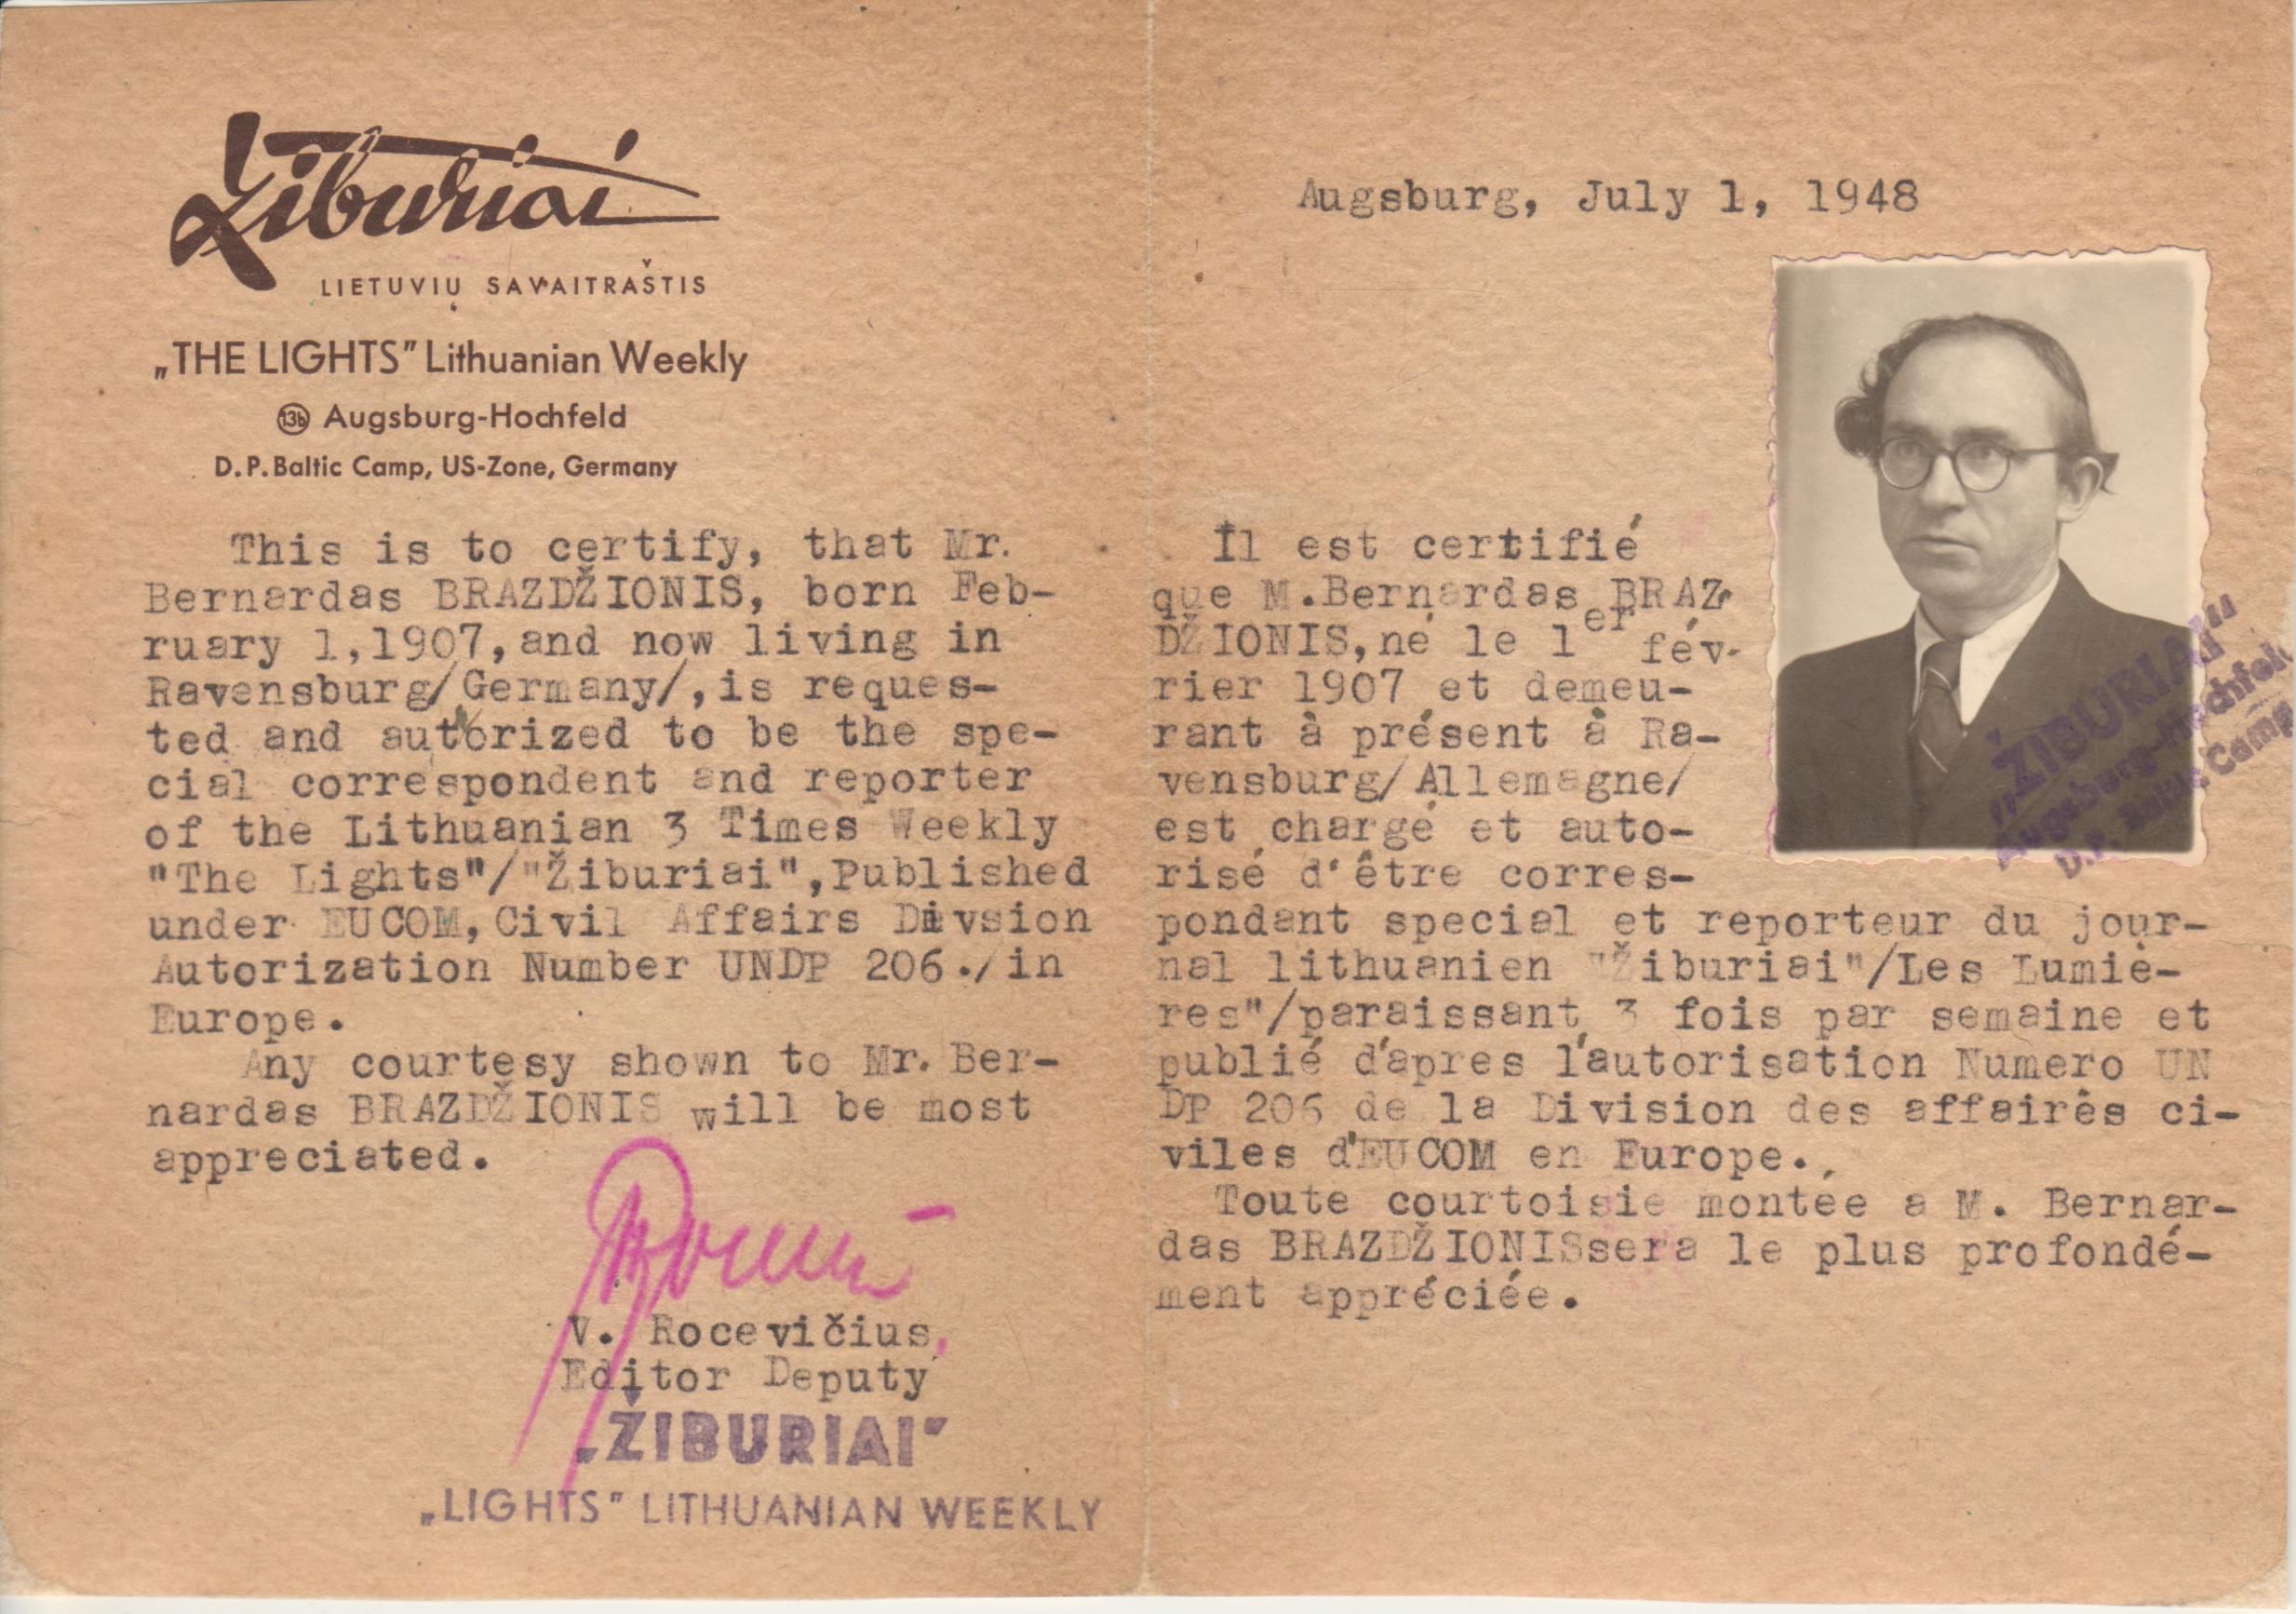 """Lietuvių savaitraščio """"Žiburiai"""" pažyma anglų ir prancūzų kalbomis, kad B. Brazdžionis yra korespondentas. Augsburgas, 1948 m. liepos 1 d. Dokumentas restauruotas 2015 m., restauratorė Dalia Veselauskienė"""